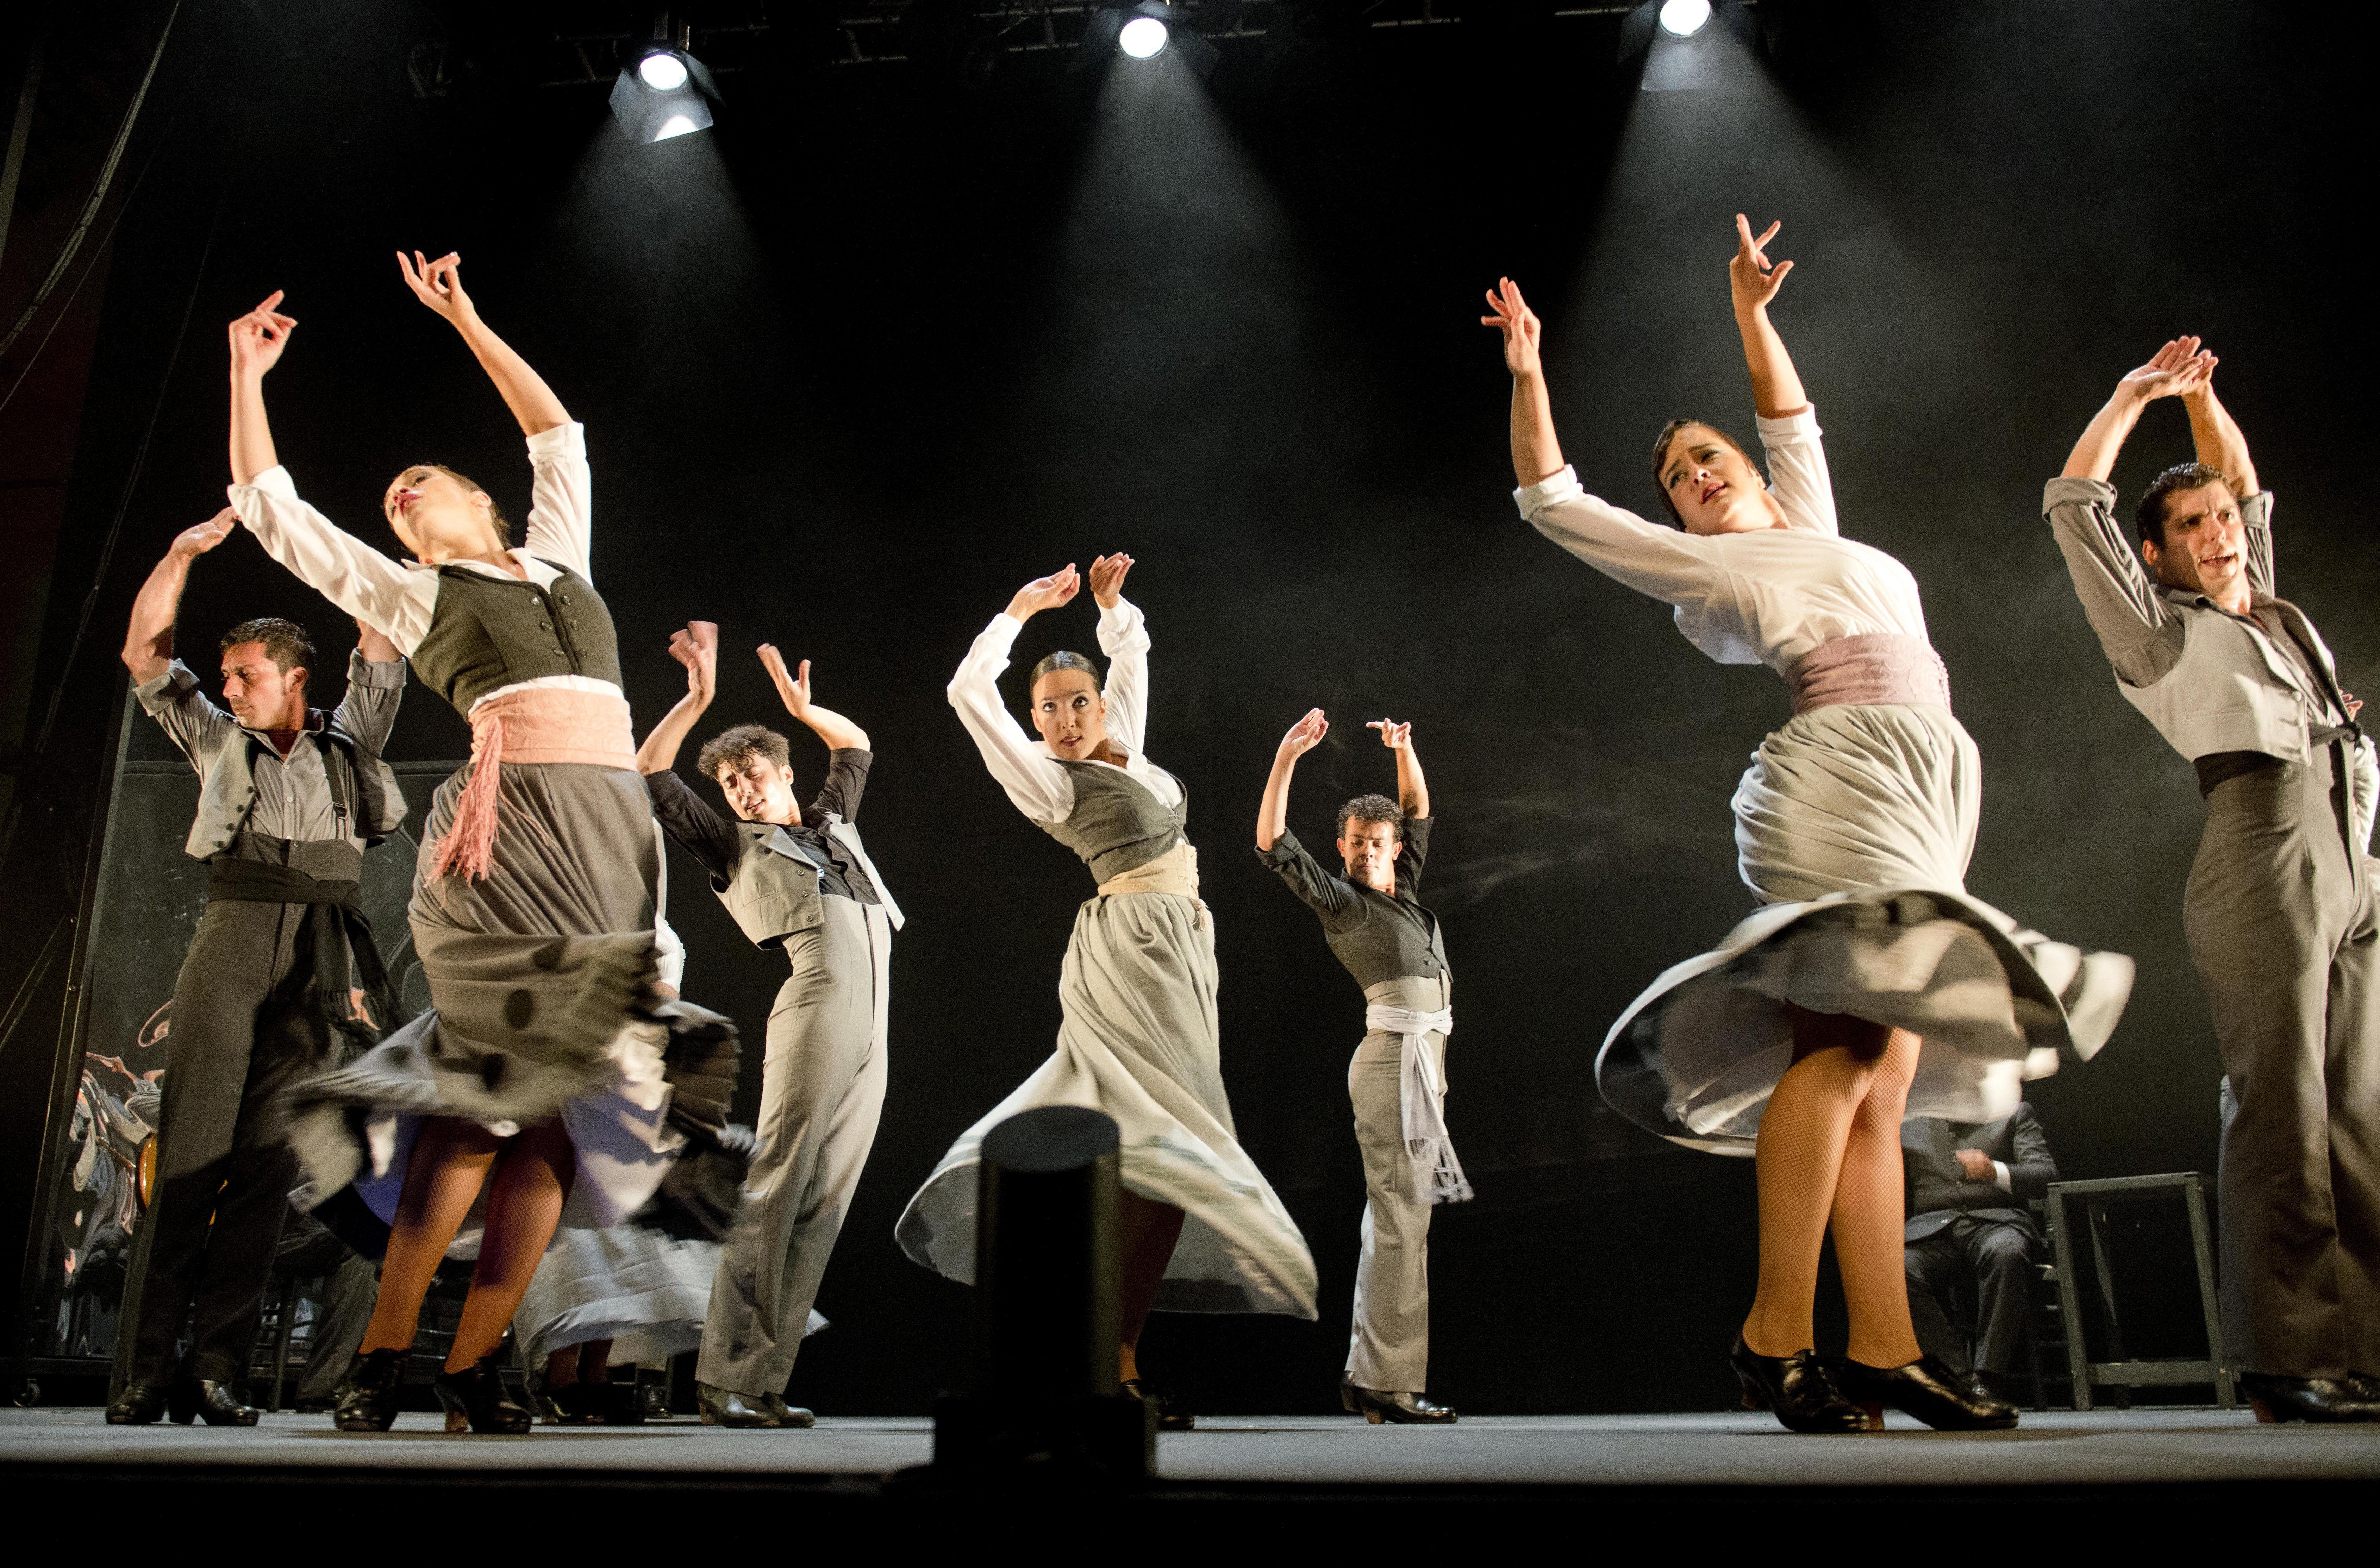 """El Ballet Flamenc d'Andalusia presenta el seu espectacle """"Aquel Silverio"""", durant la seva actuació en la gala de clausura del Festival Internacional de Cante de las Minas. /J. ALBALADEJO"""